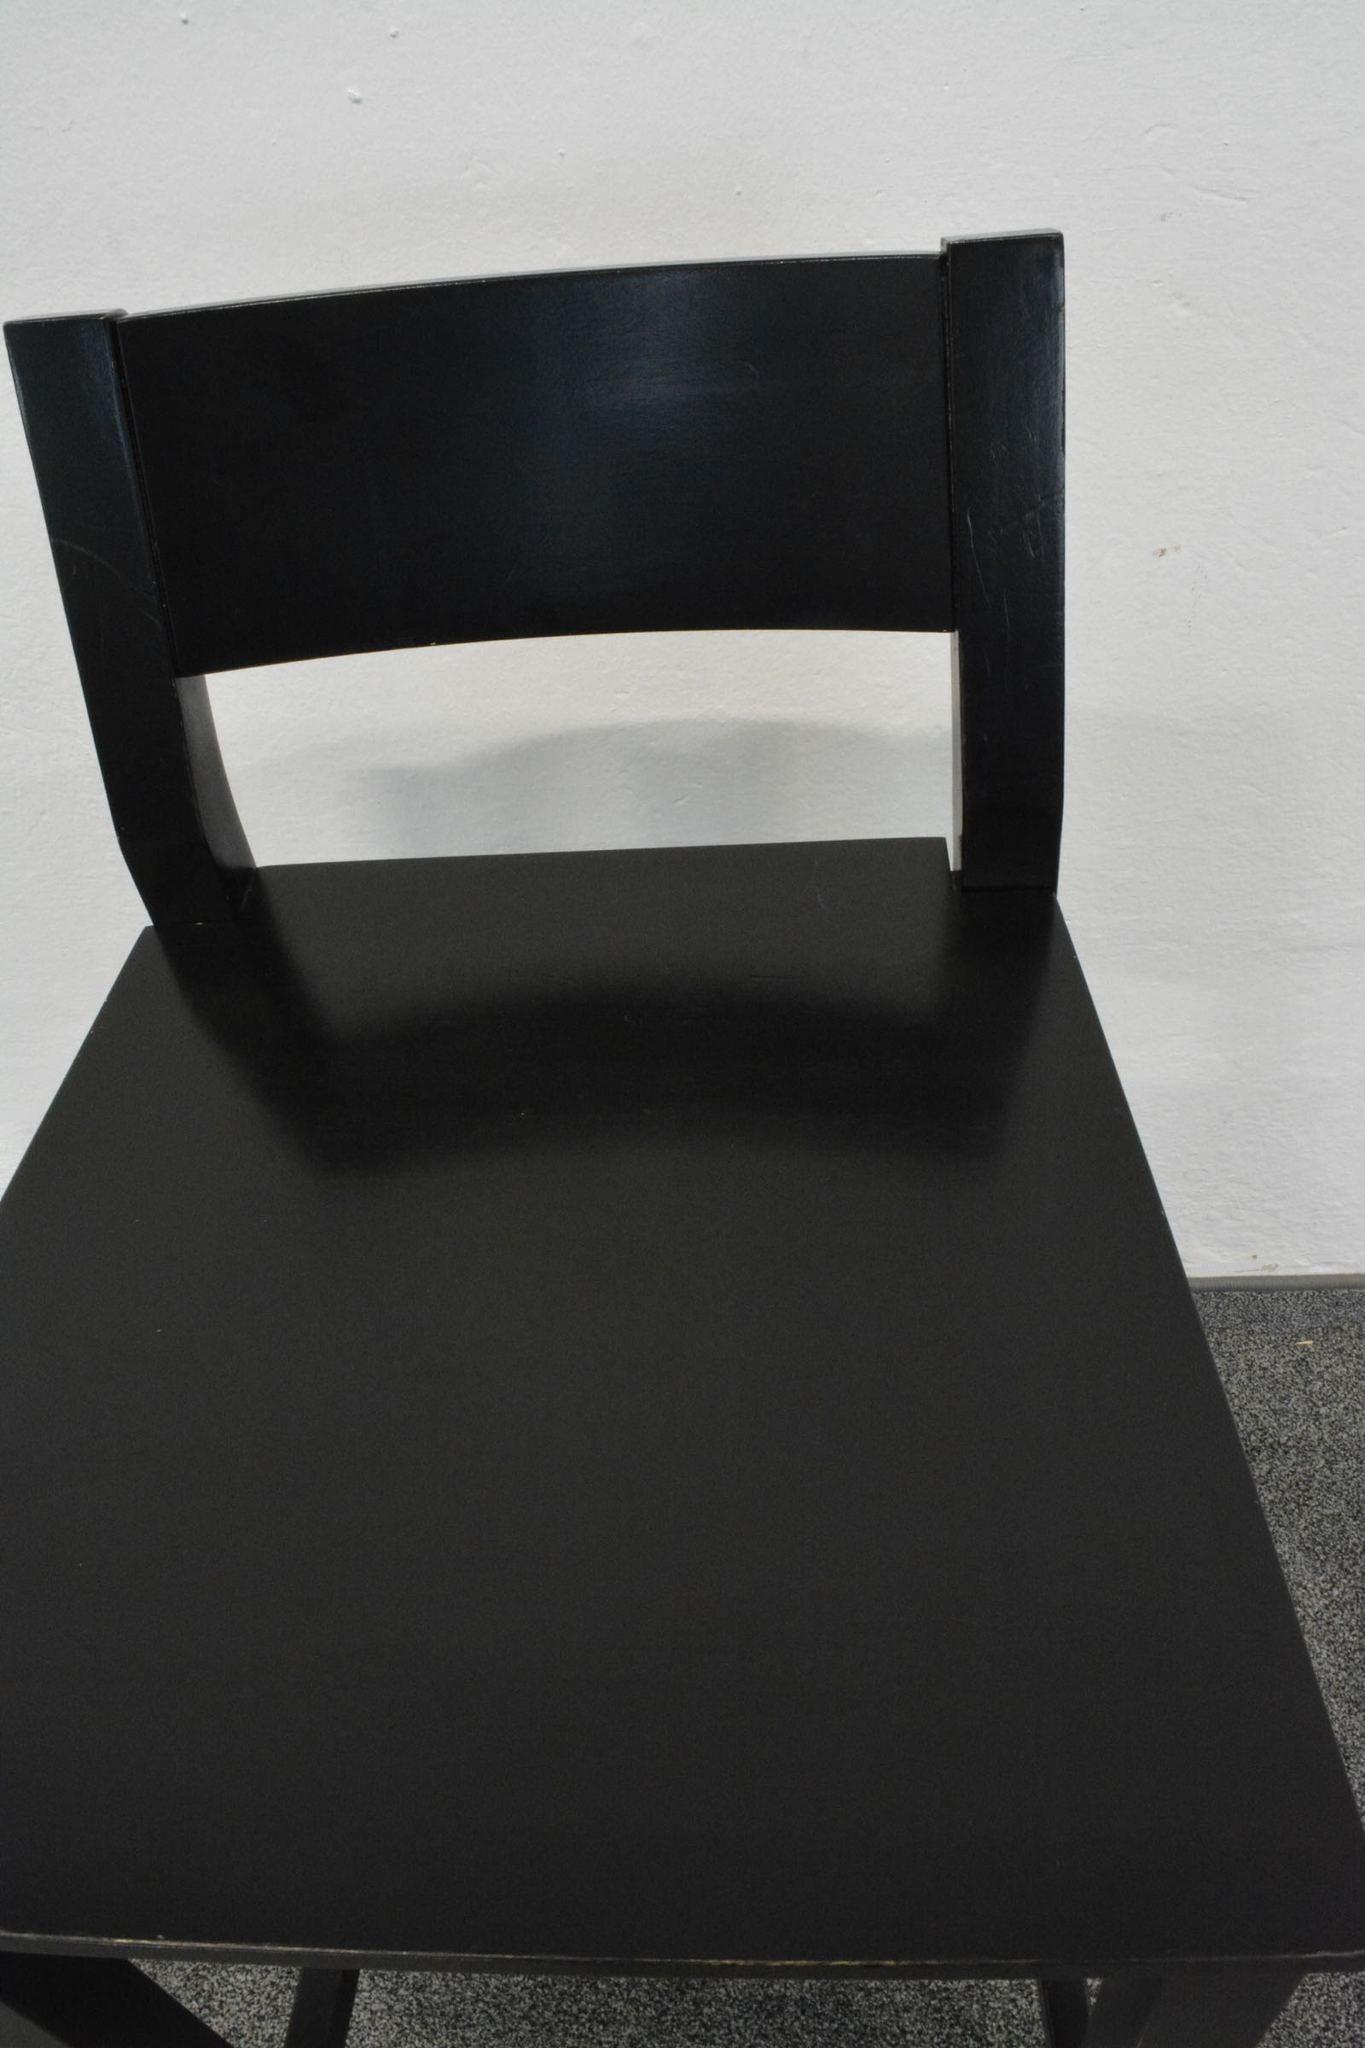 Full Size of Stehhilfe Ikea Ingemar Barhocker Küche Kosten Betten 160x200 Miniküche Modulküche Kaufen Sofa Mit Schlaffunktion Bei Wohnzimmer Stehhilfe Ikea